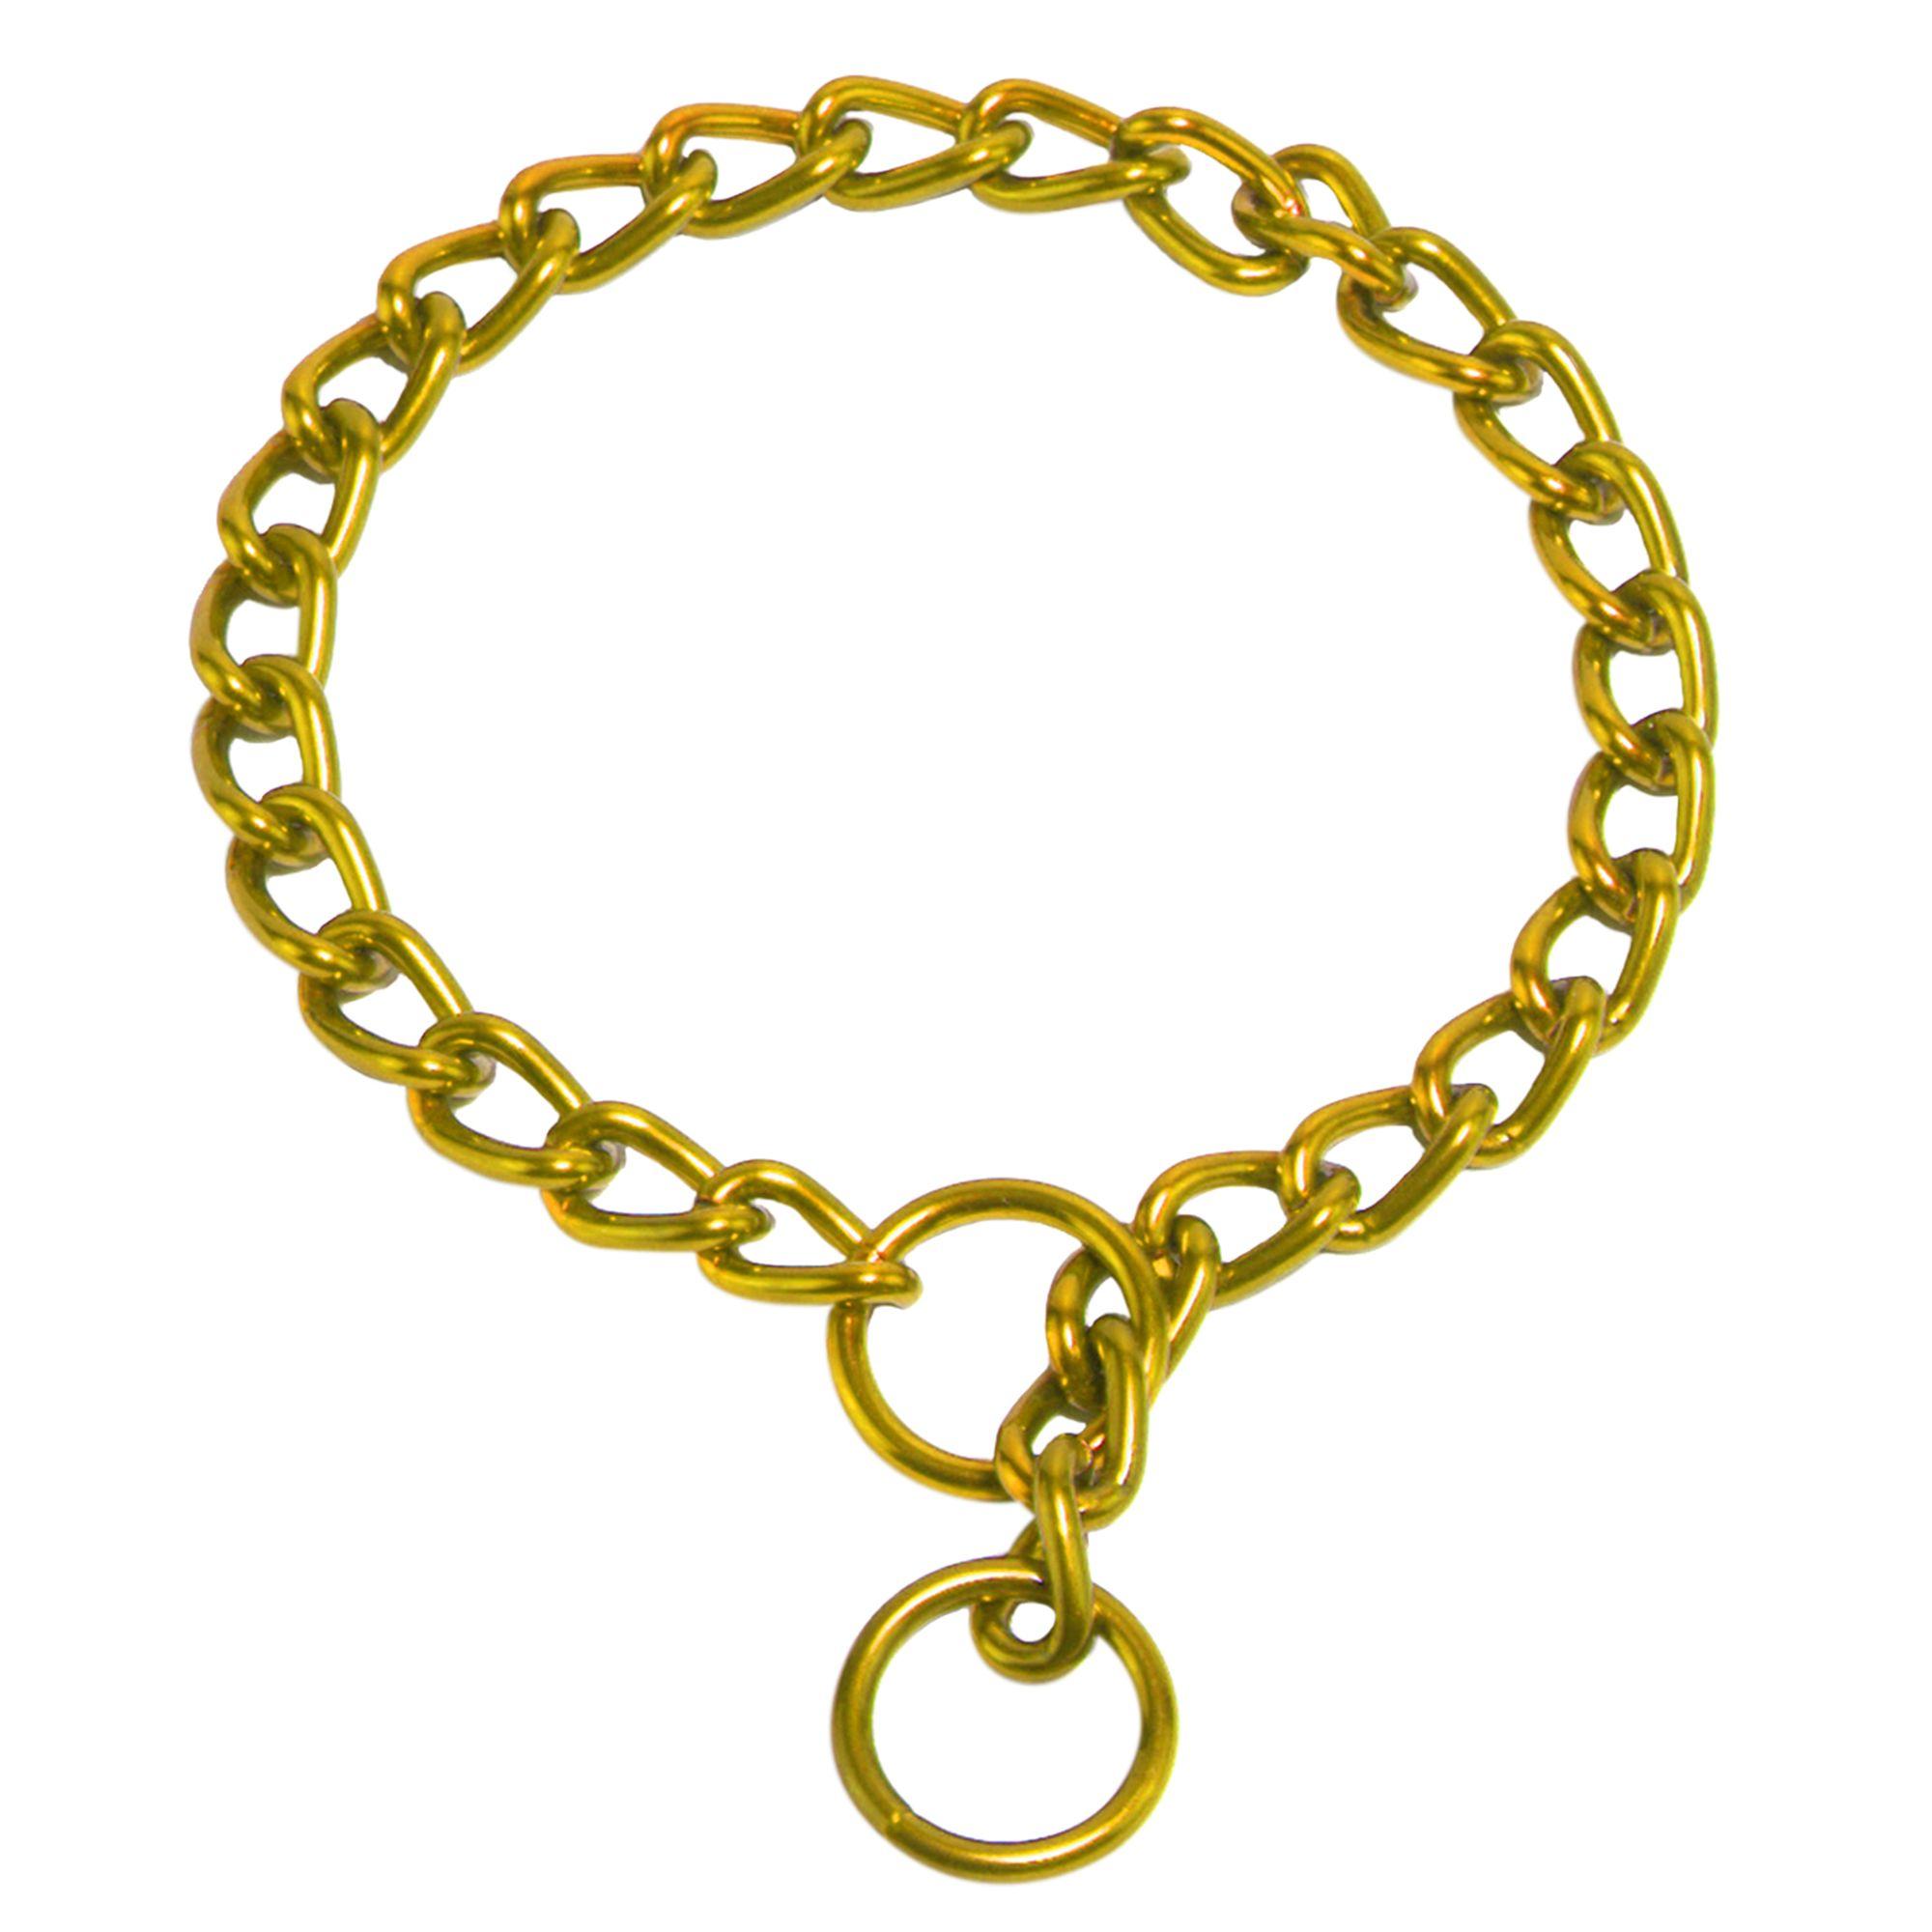 Platinum Pets Chain Training Dog Collar Size 16l X 2.5mmw 24 Karat Gold